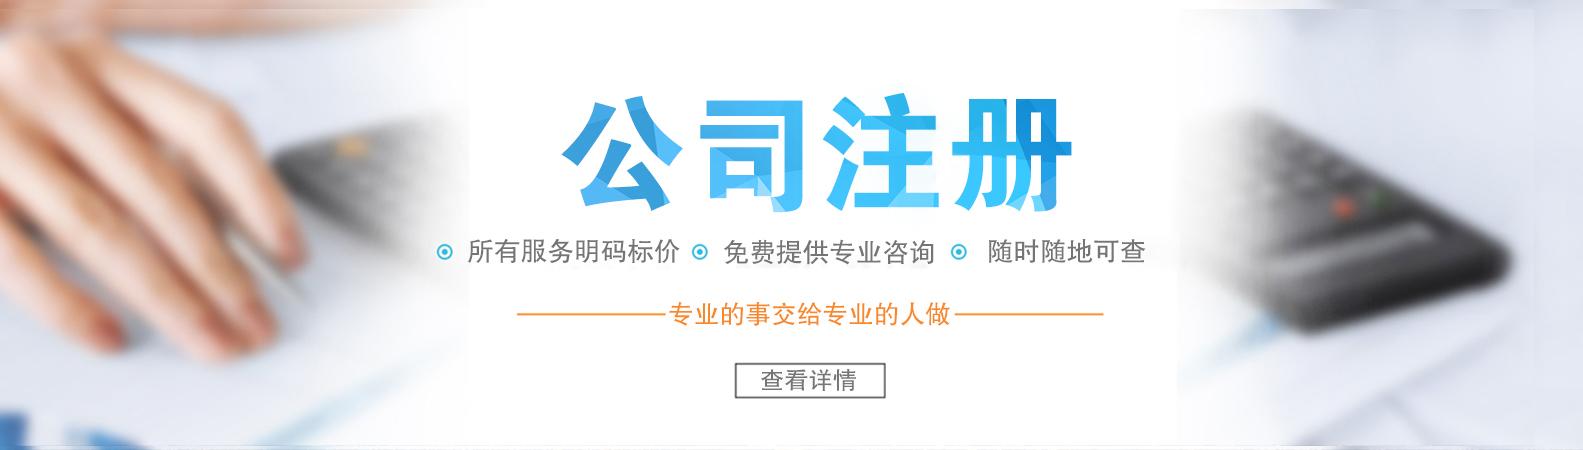 西安公司注册资本到底多少才能好?